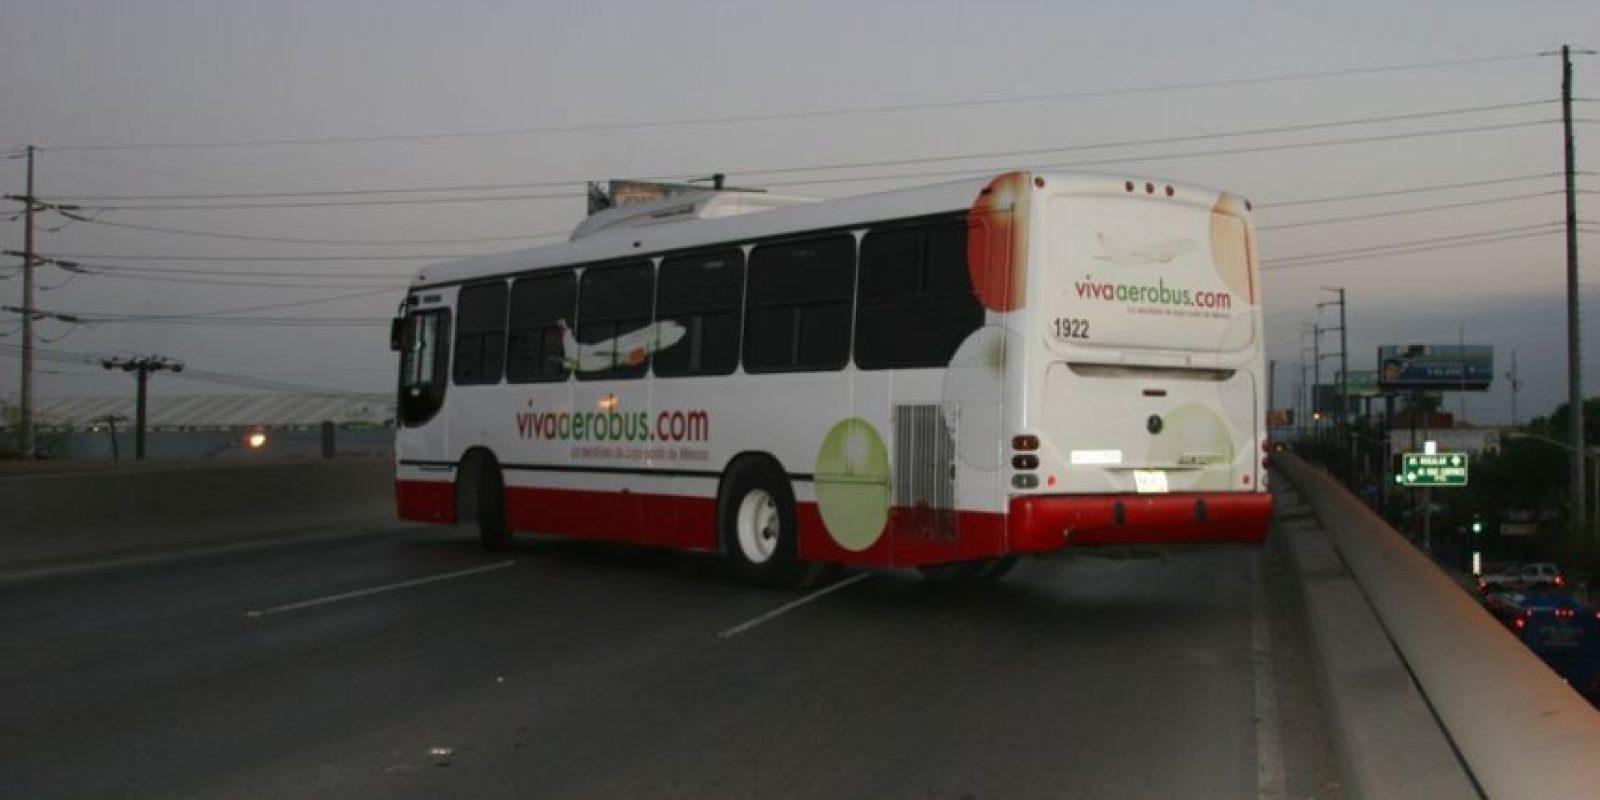 Foto:En algunos puntos, los ciudadanos tuvieron que organizarse para empujar los camiones y liberar las vialidades / Foto: Jesús Padilla